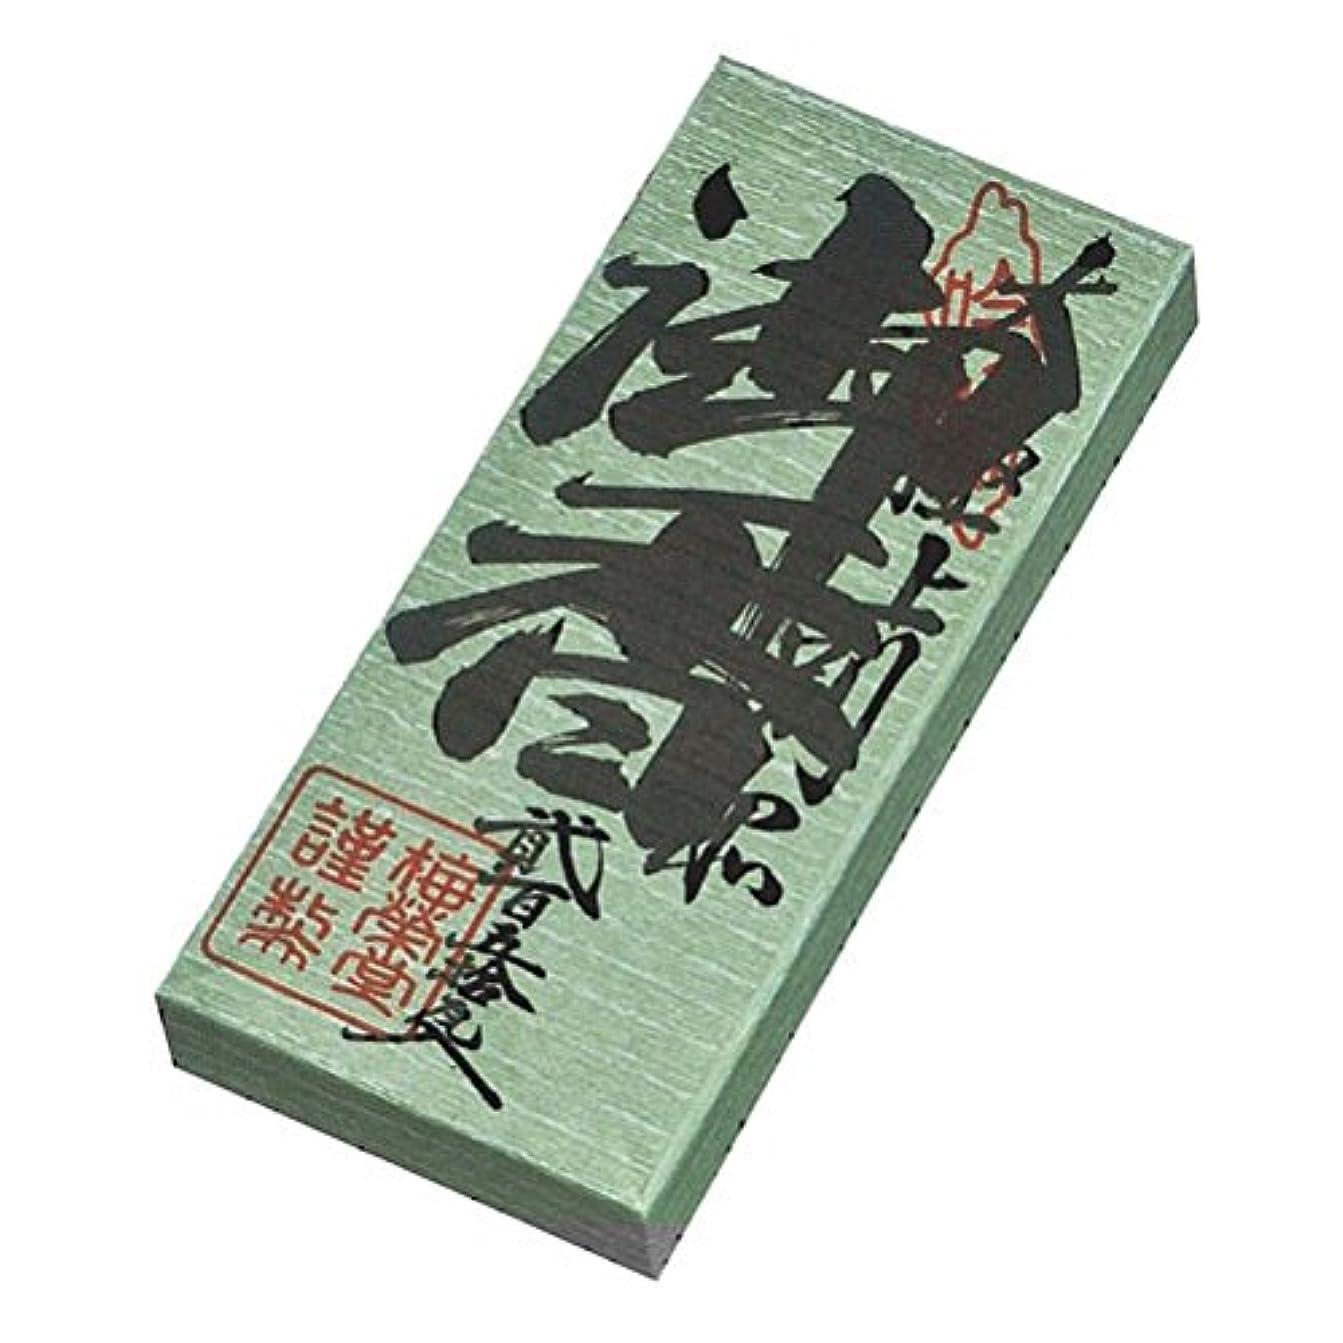 ページ規則性正直極上鳳龍印 250g 紙箱入り お焼香 梅栄堂